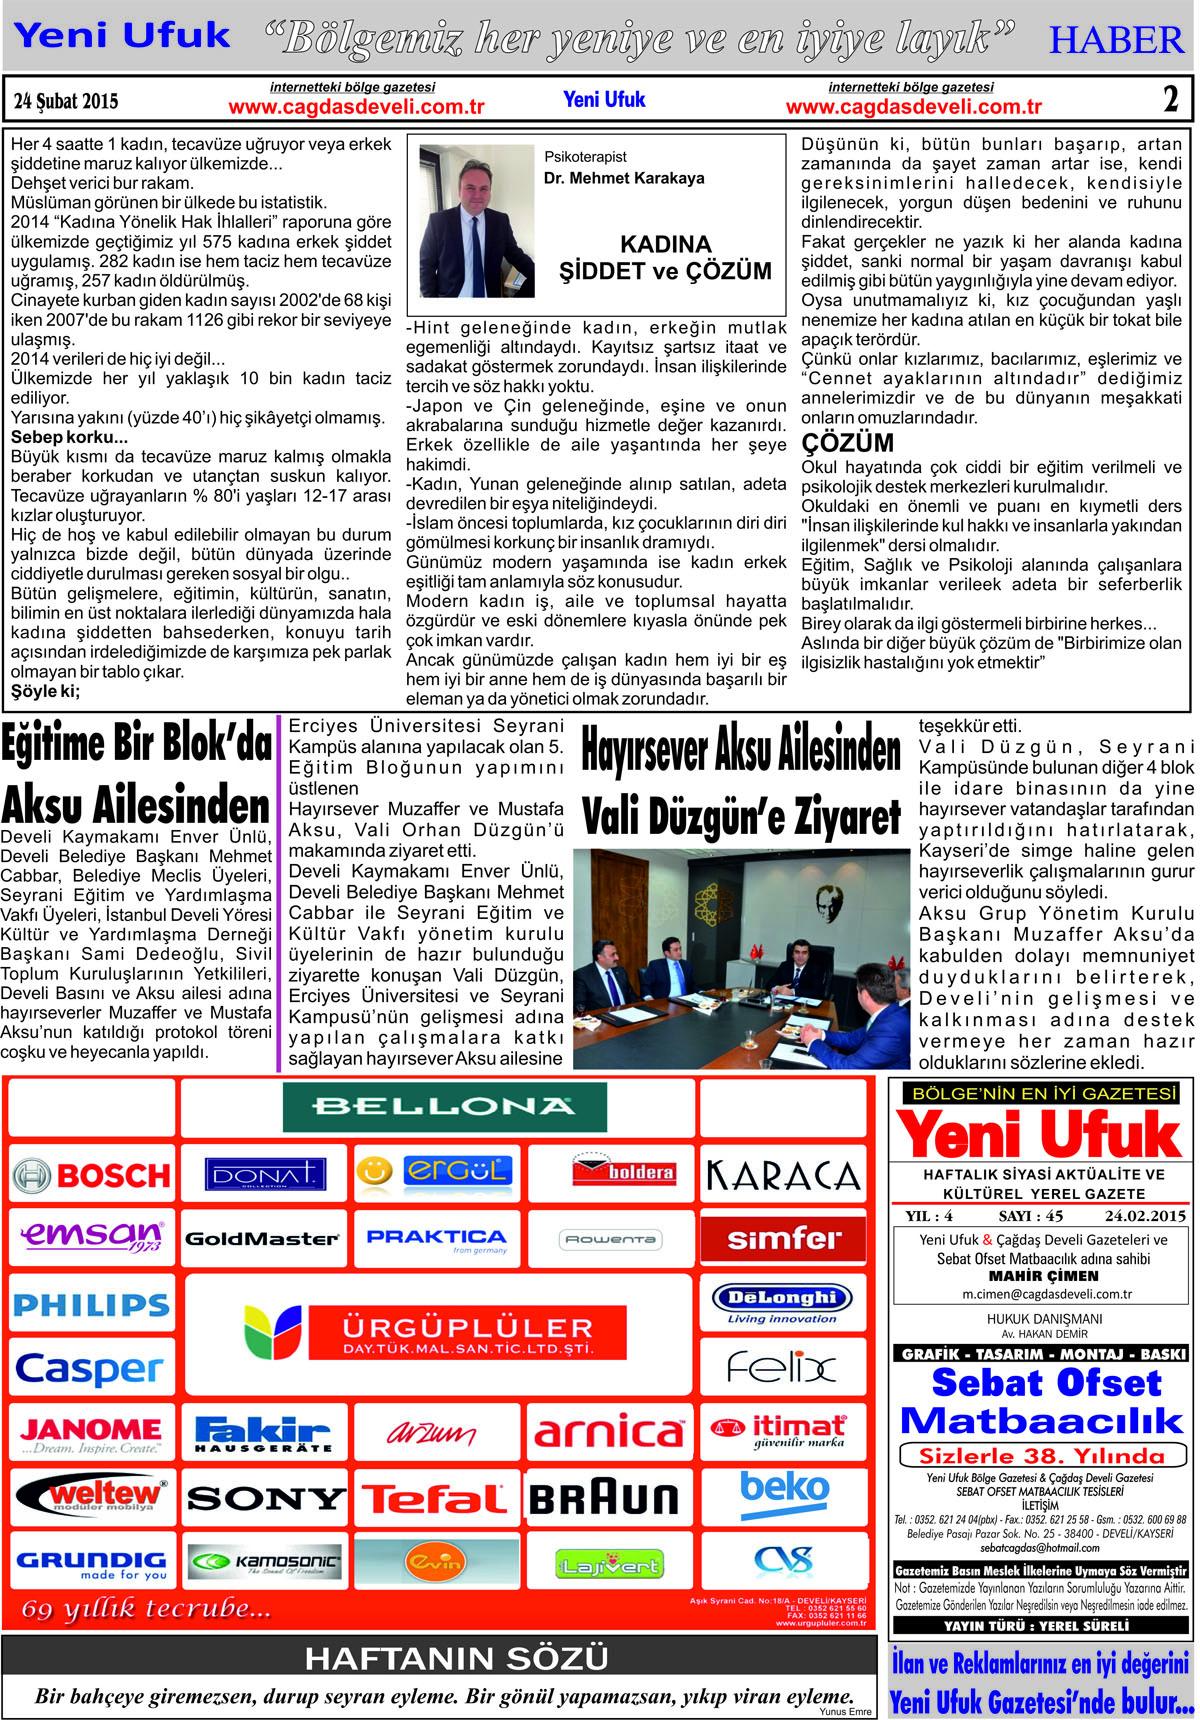 Yeni Ufuk Bölge Gazetesi, 24 Şubat 2015, Sayfa 2